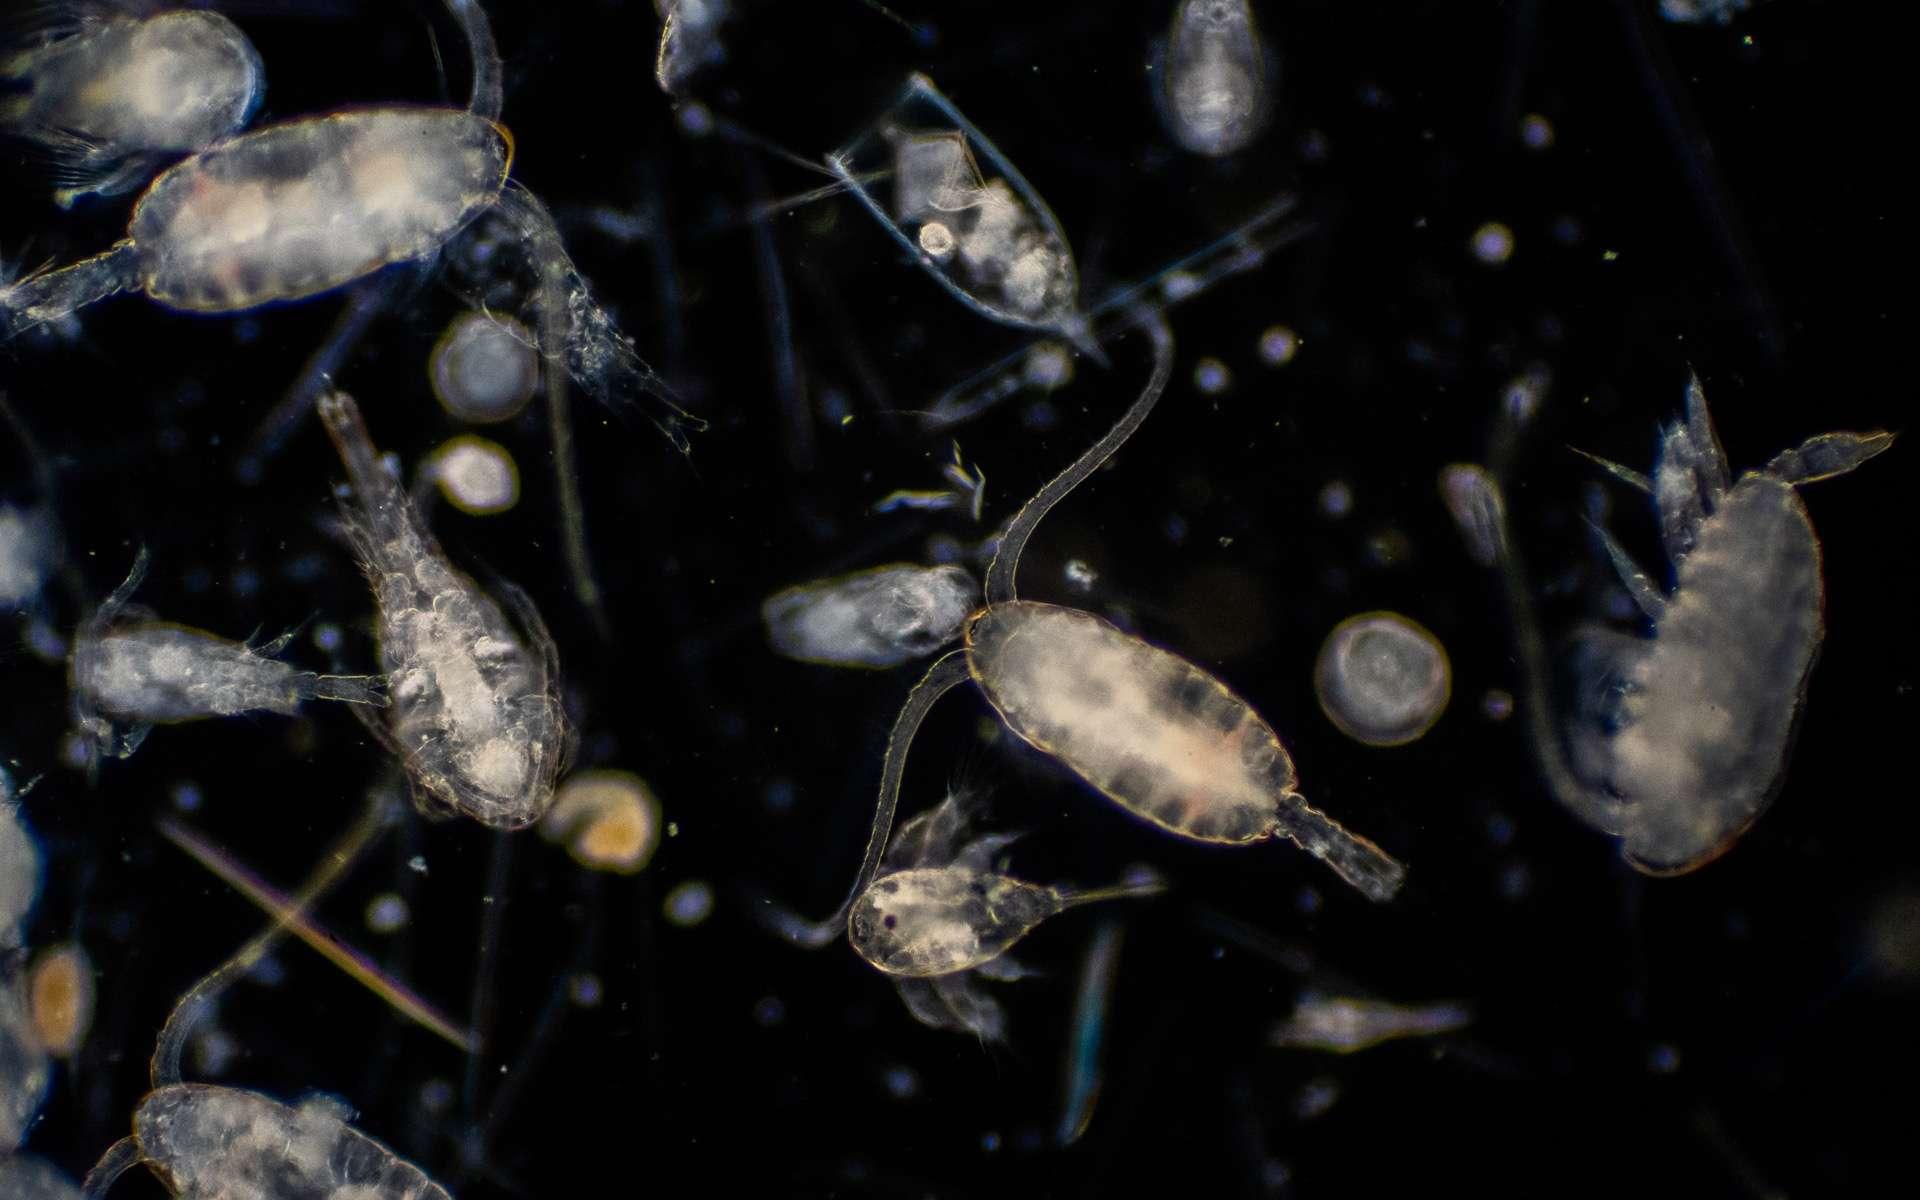 Les micro-organismes végétaux jouent un rôle fondamental dans le fonctionnement des écosystèmes marins. © tonaquatic, Adobe Stock